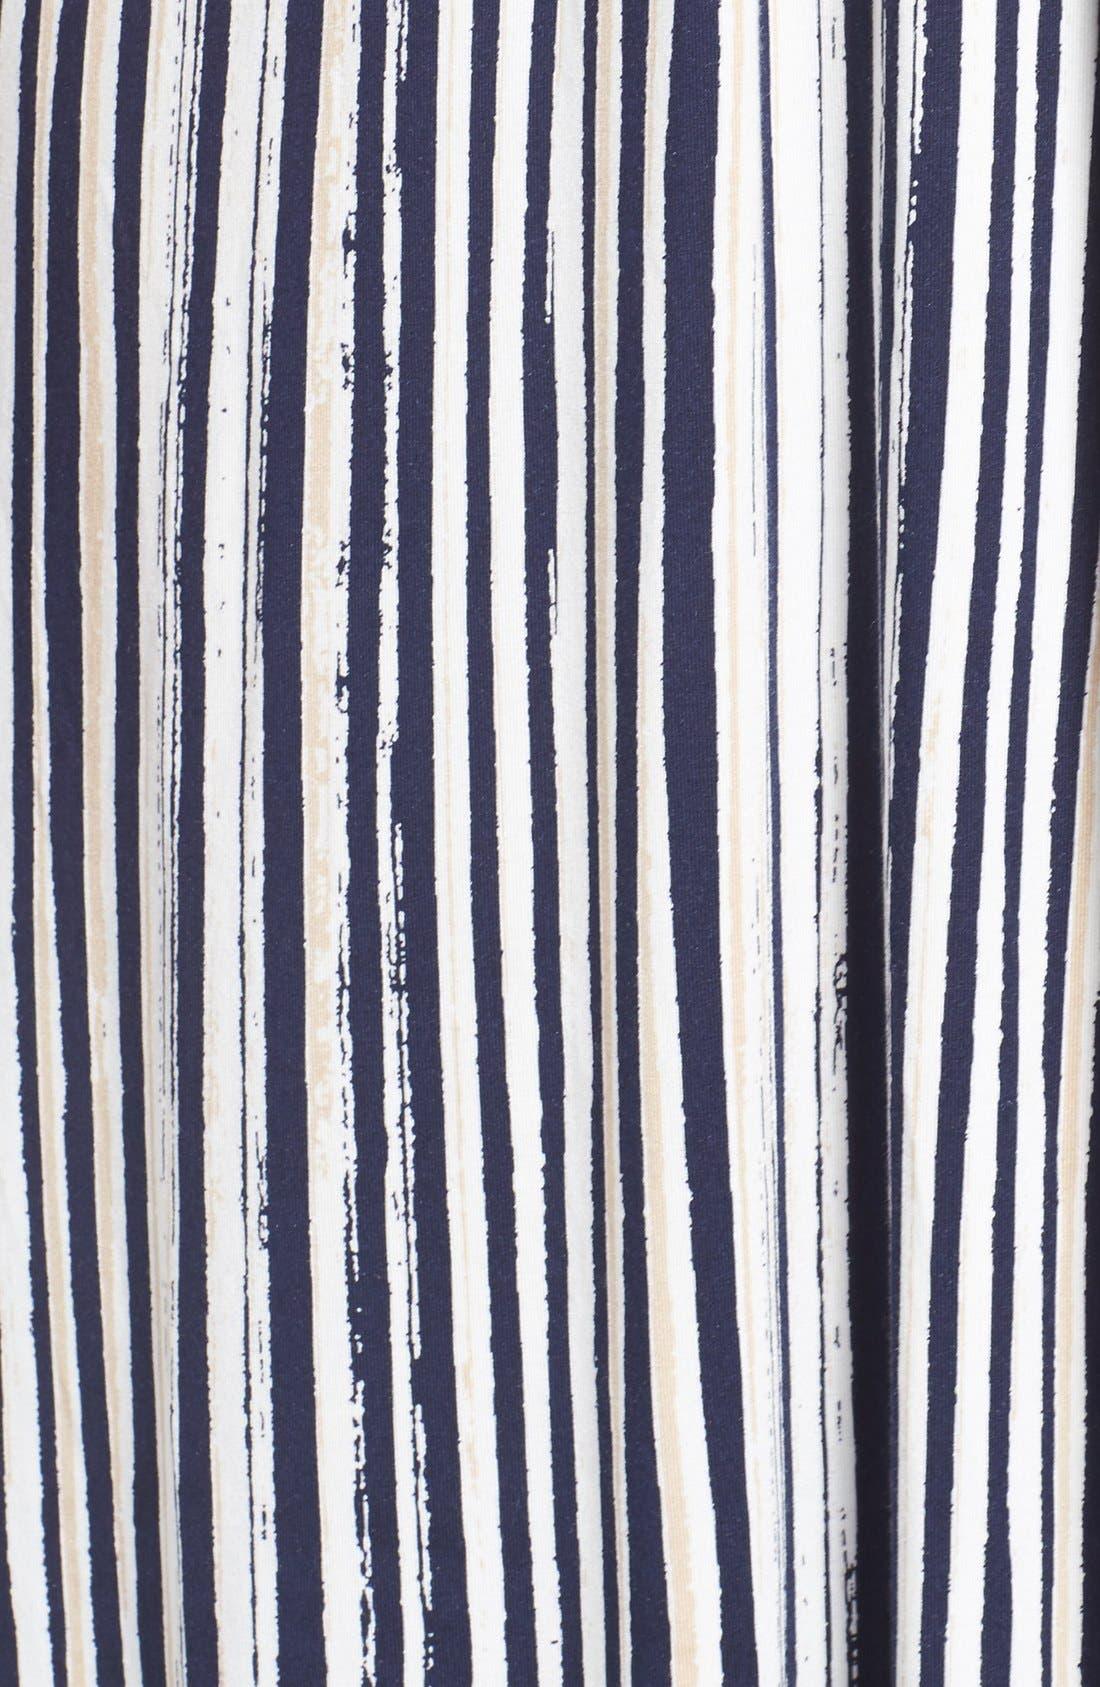 Grecia Sleeveless Jersey Maxi Dress,                             Alternate thumbnail 39, color,